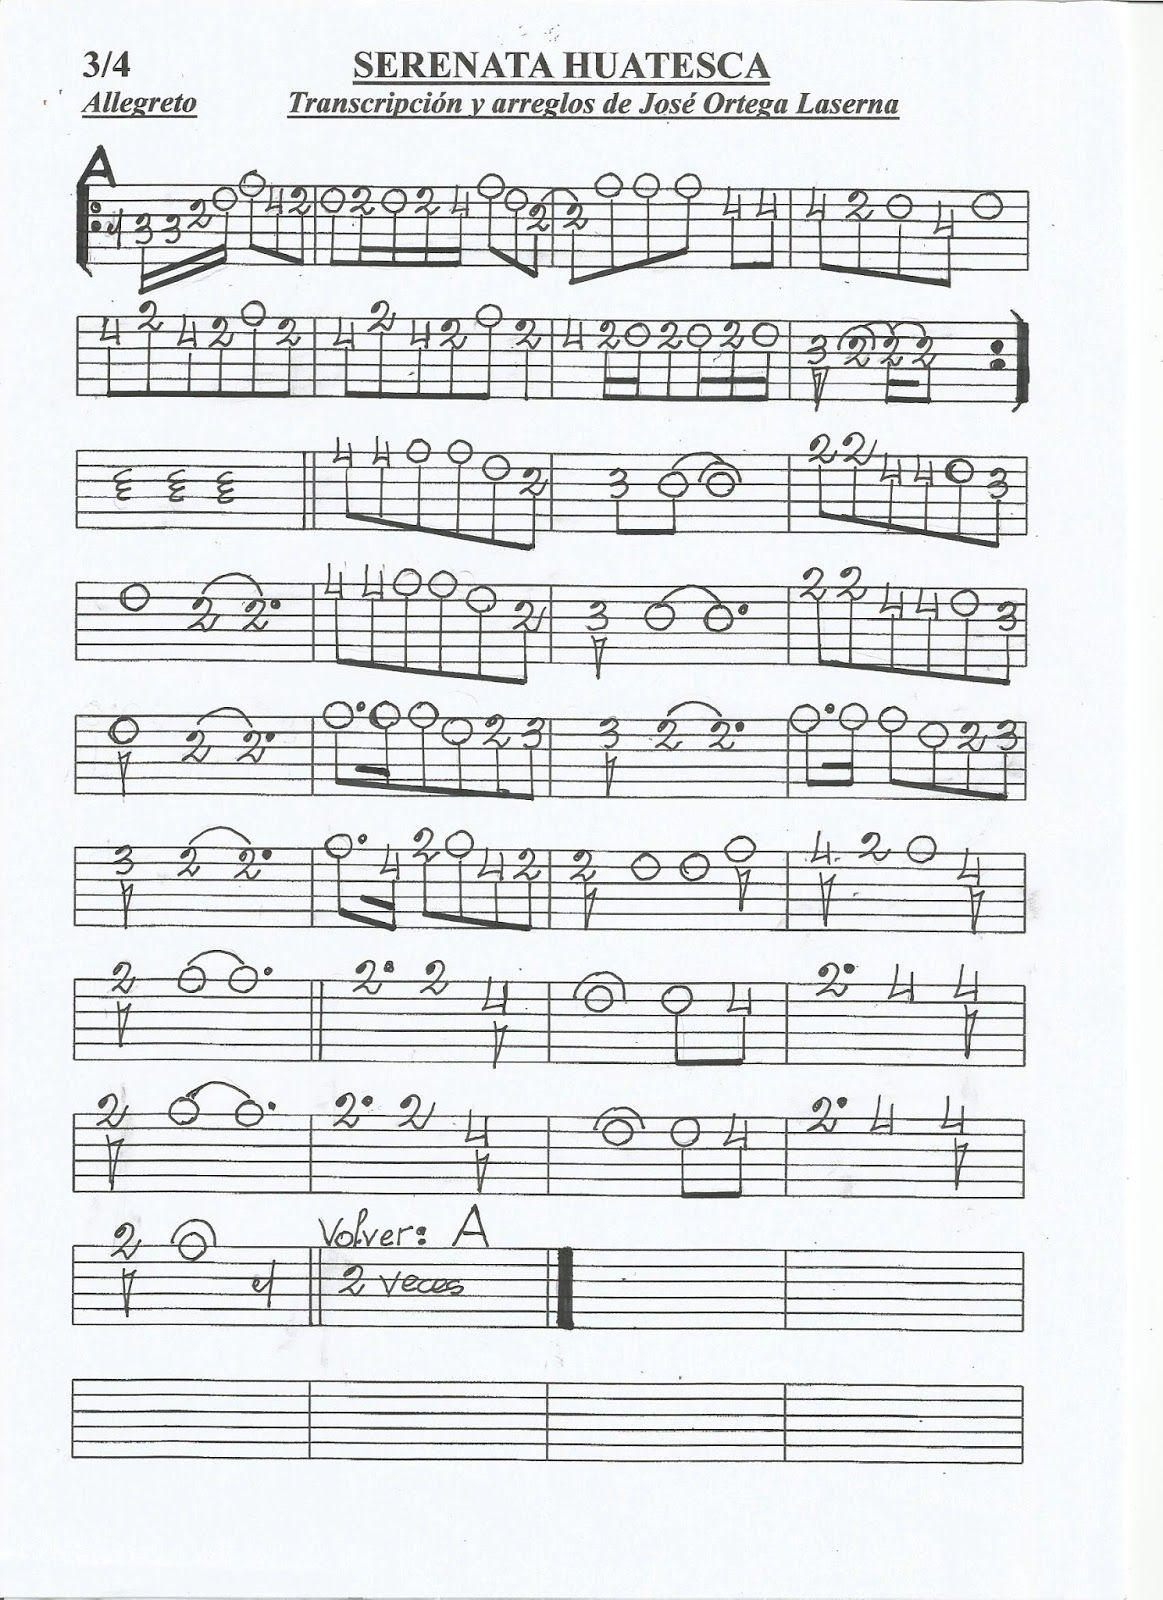 Partituras En Cifra Para Bandurria Y Laúd De José Ortega Laserna Serenata Huasteca Ranchera Partituras Tablaturas Guitarra Huasteca